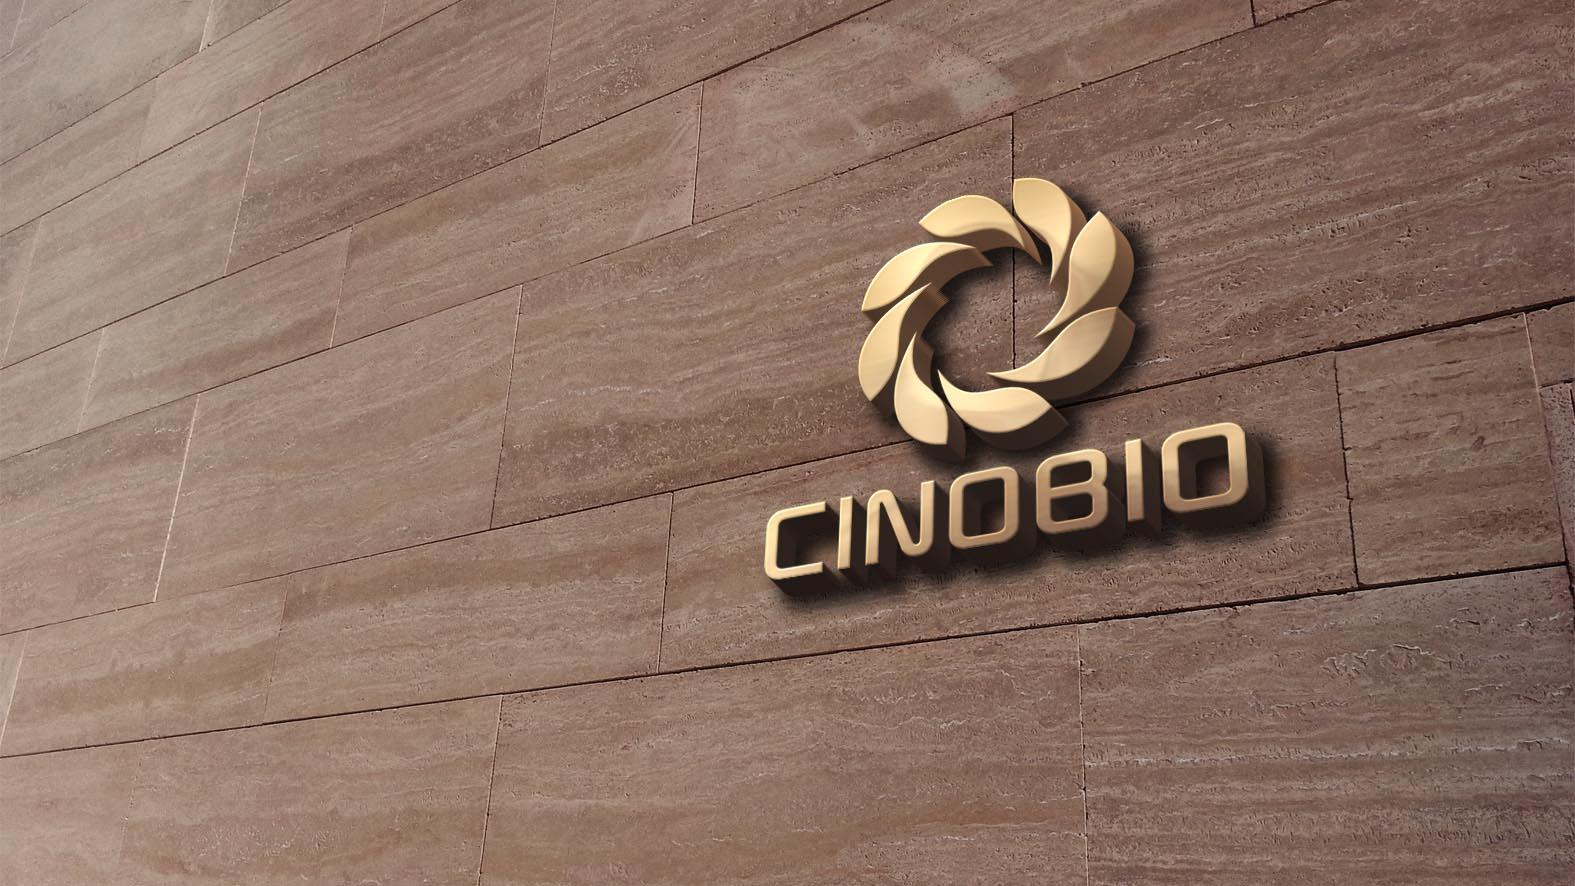 微生物科技公司logo设计_3018250_k68威客网